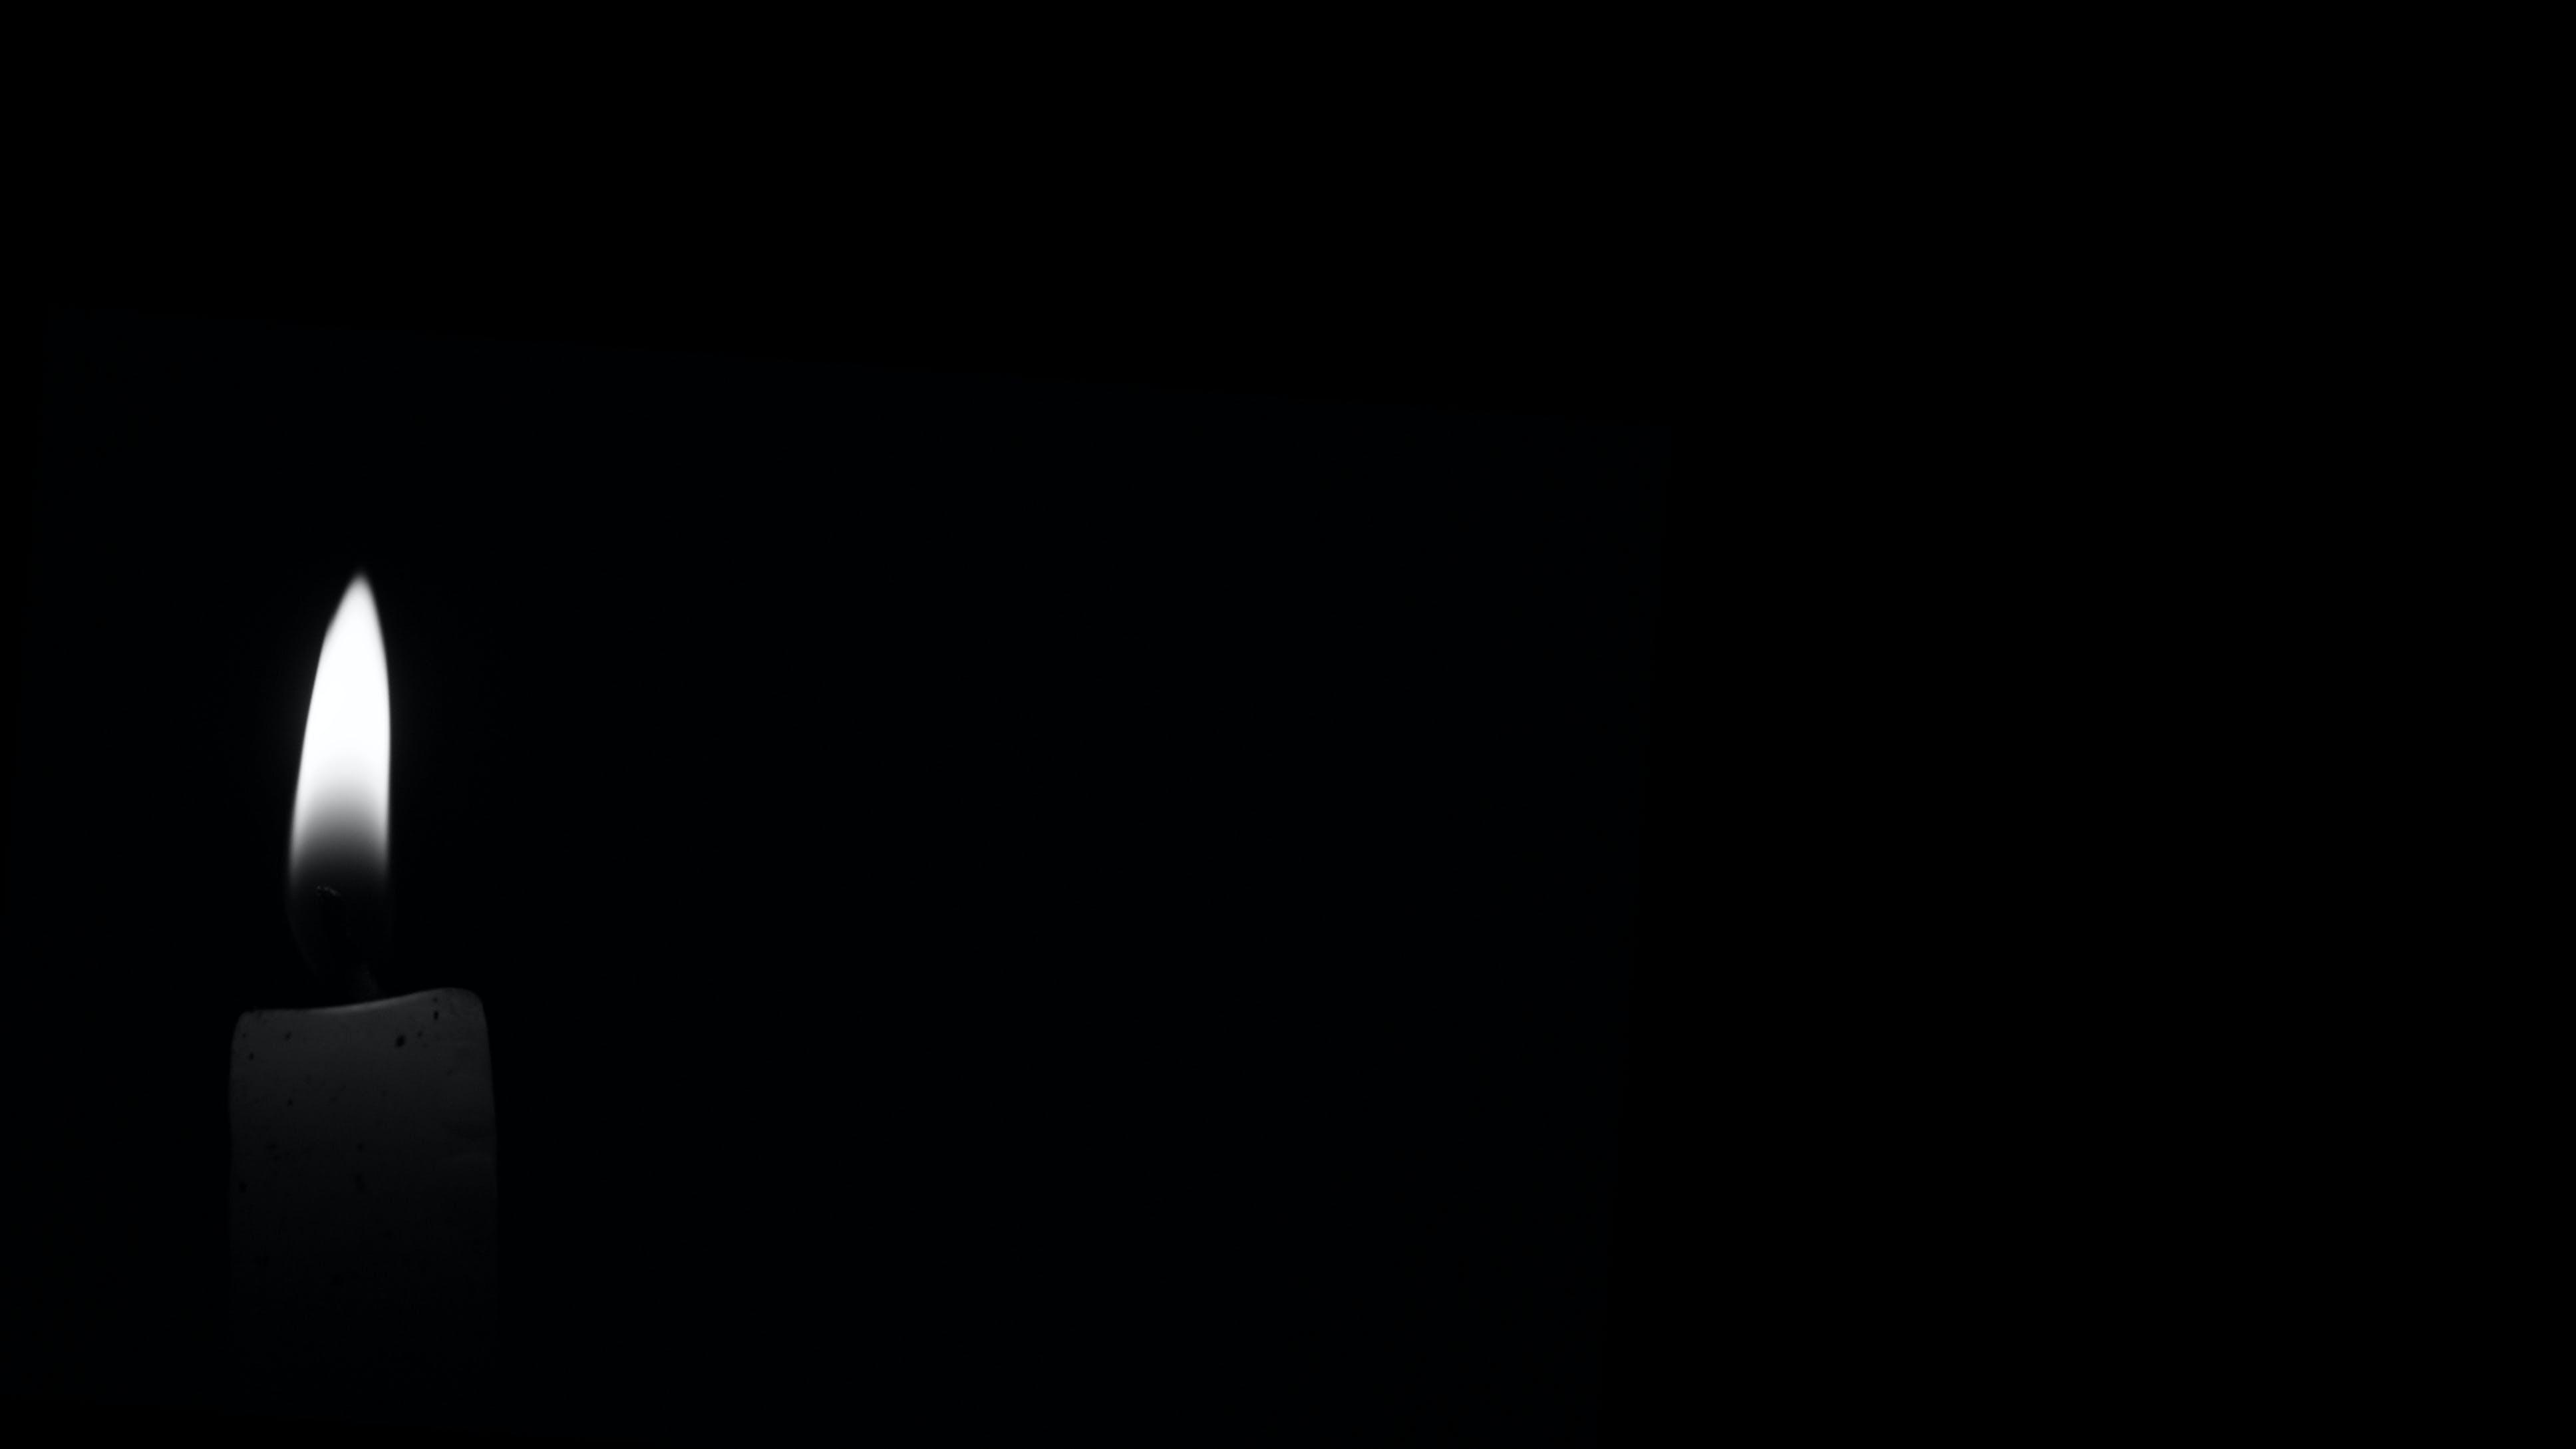 darkness dark candle black